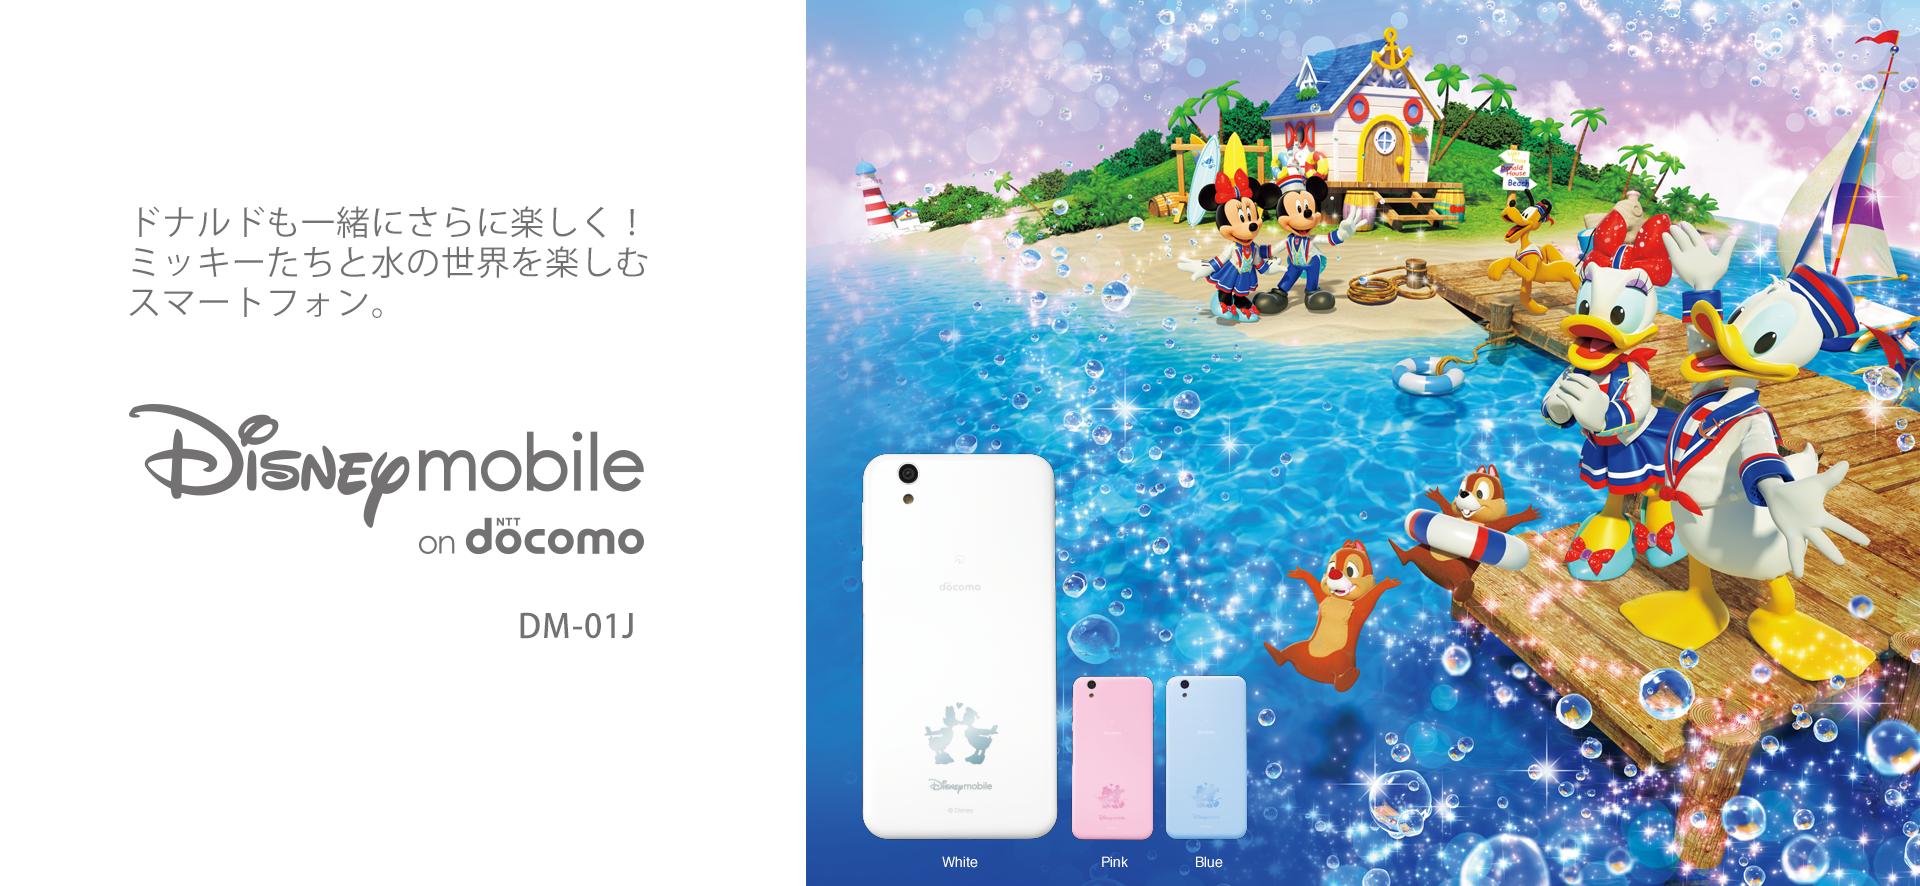 6a2e534e01 主な特長|Disney Mobile on docomo DM-01J|製品ラインアップ|AQUOS ...